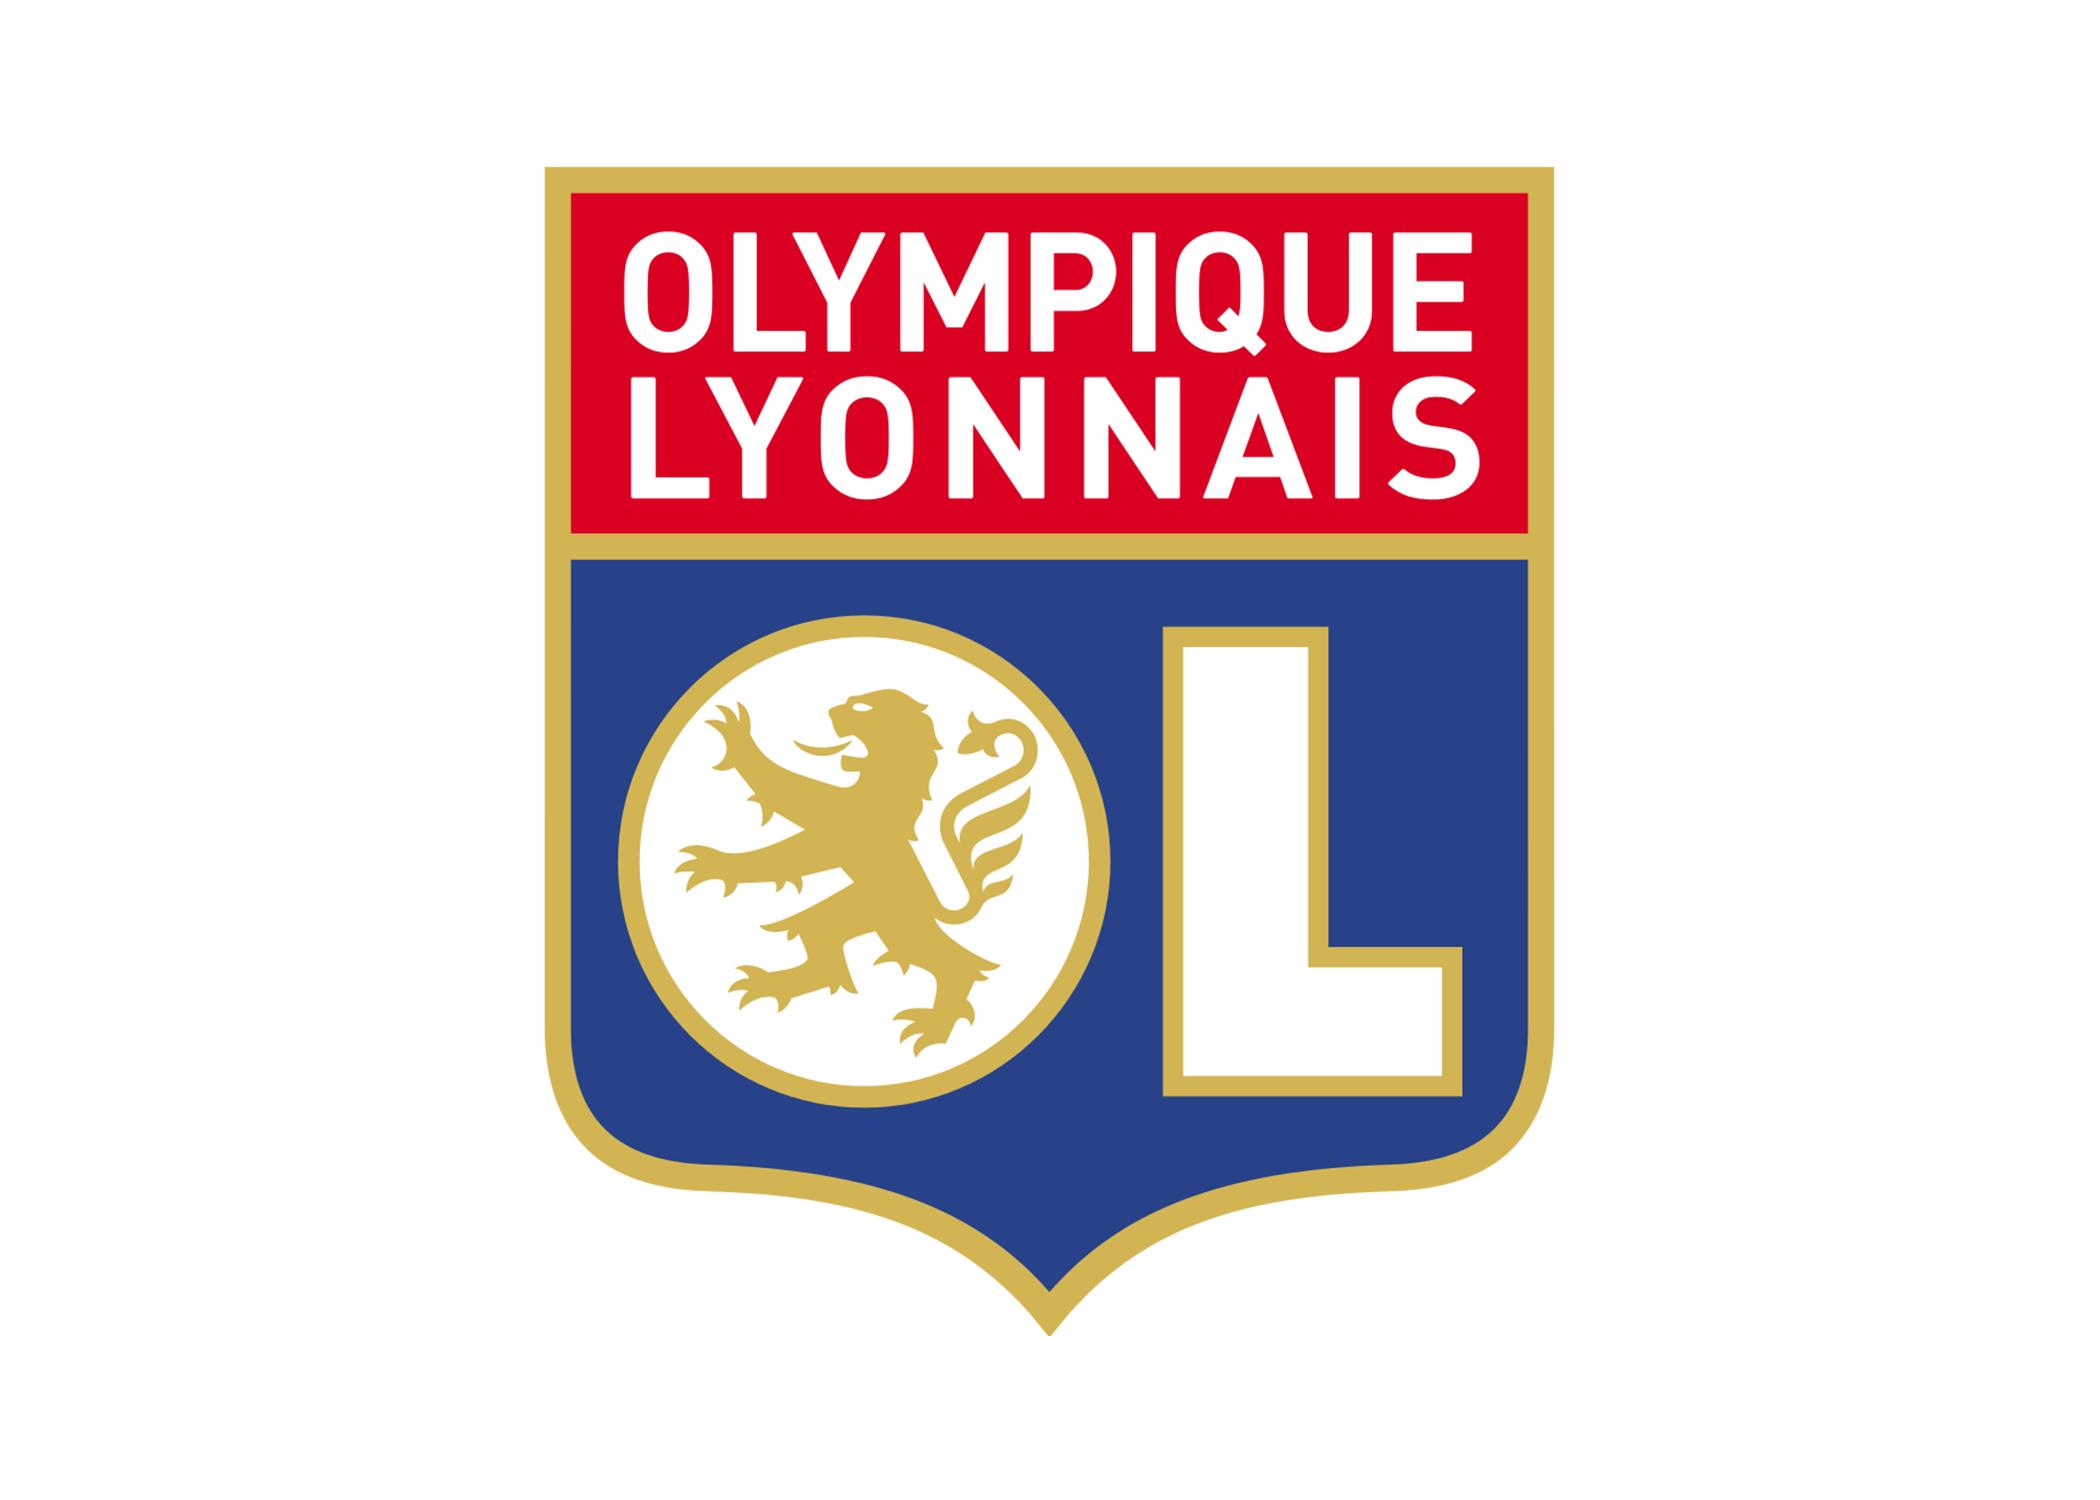 Olympique Lyonnais entreprise